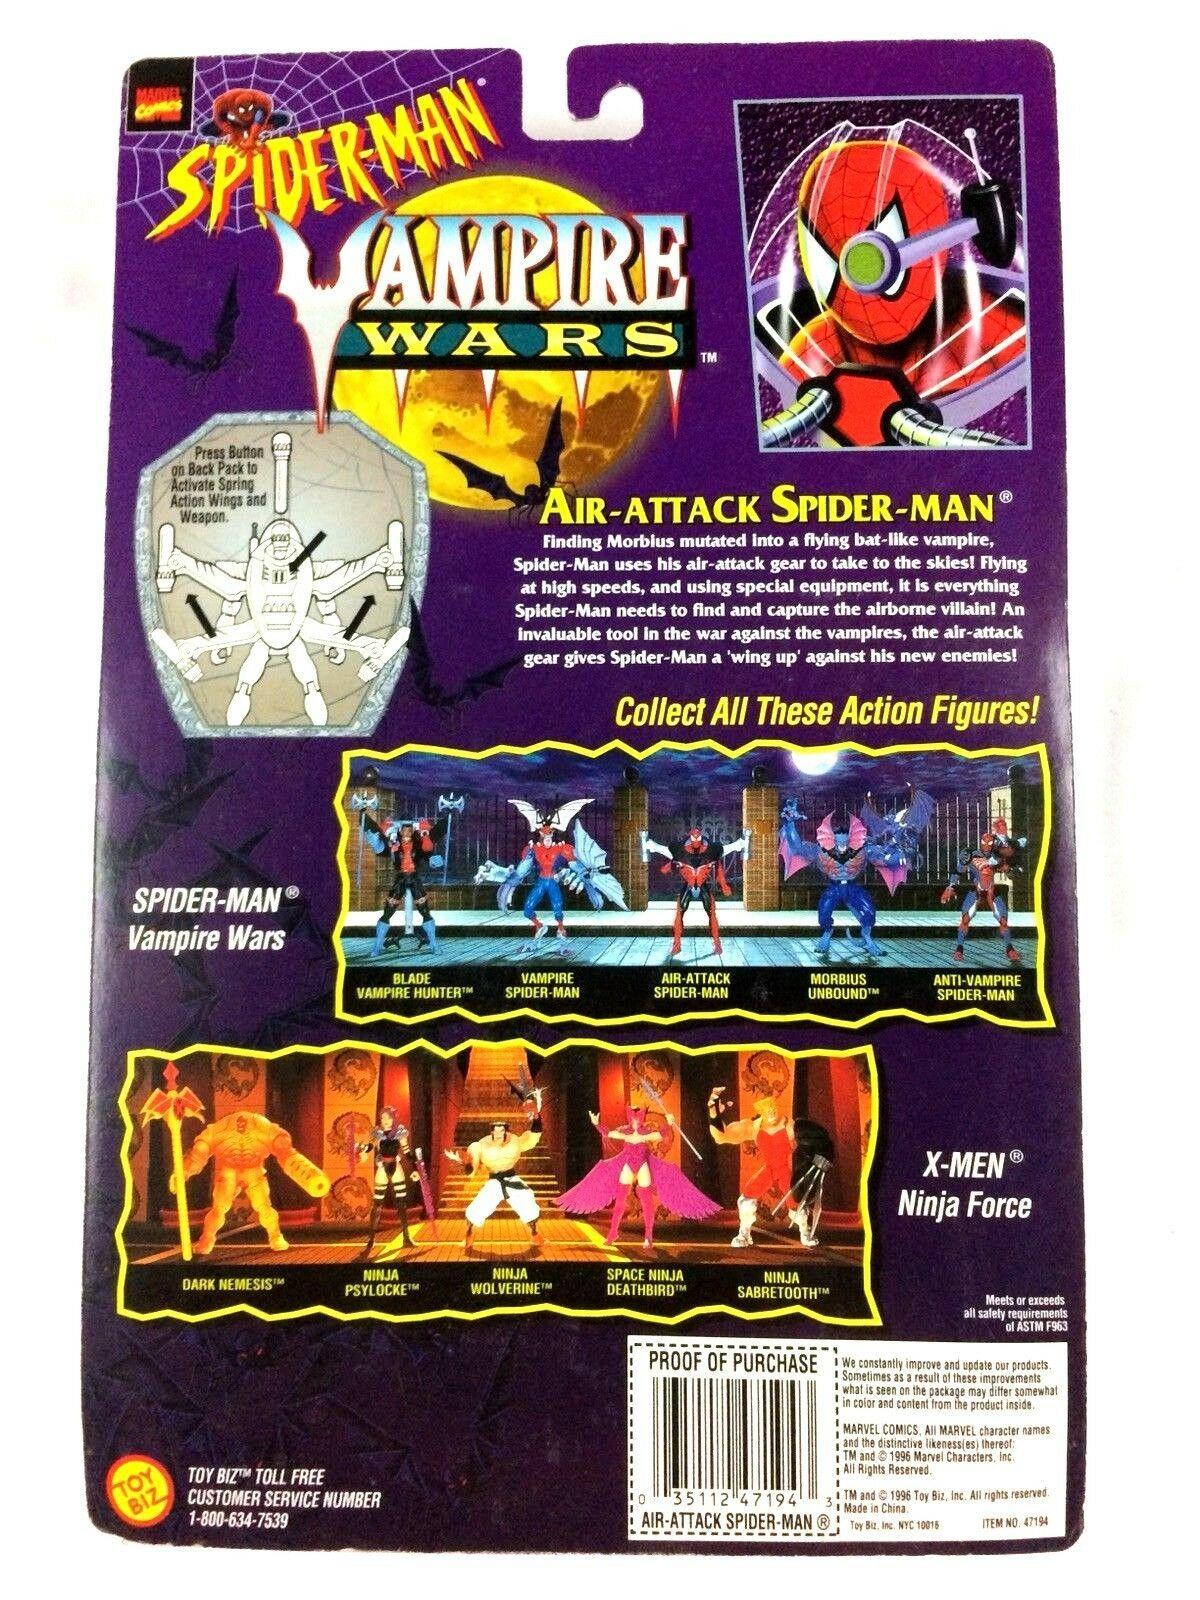 Spider-Man Air Attack Action Figure Marvel ToyBiz Vampire Wars 1996 New Sealed